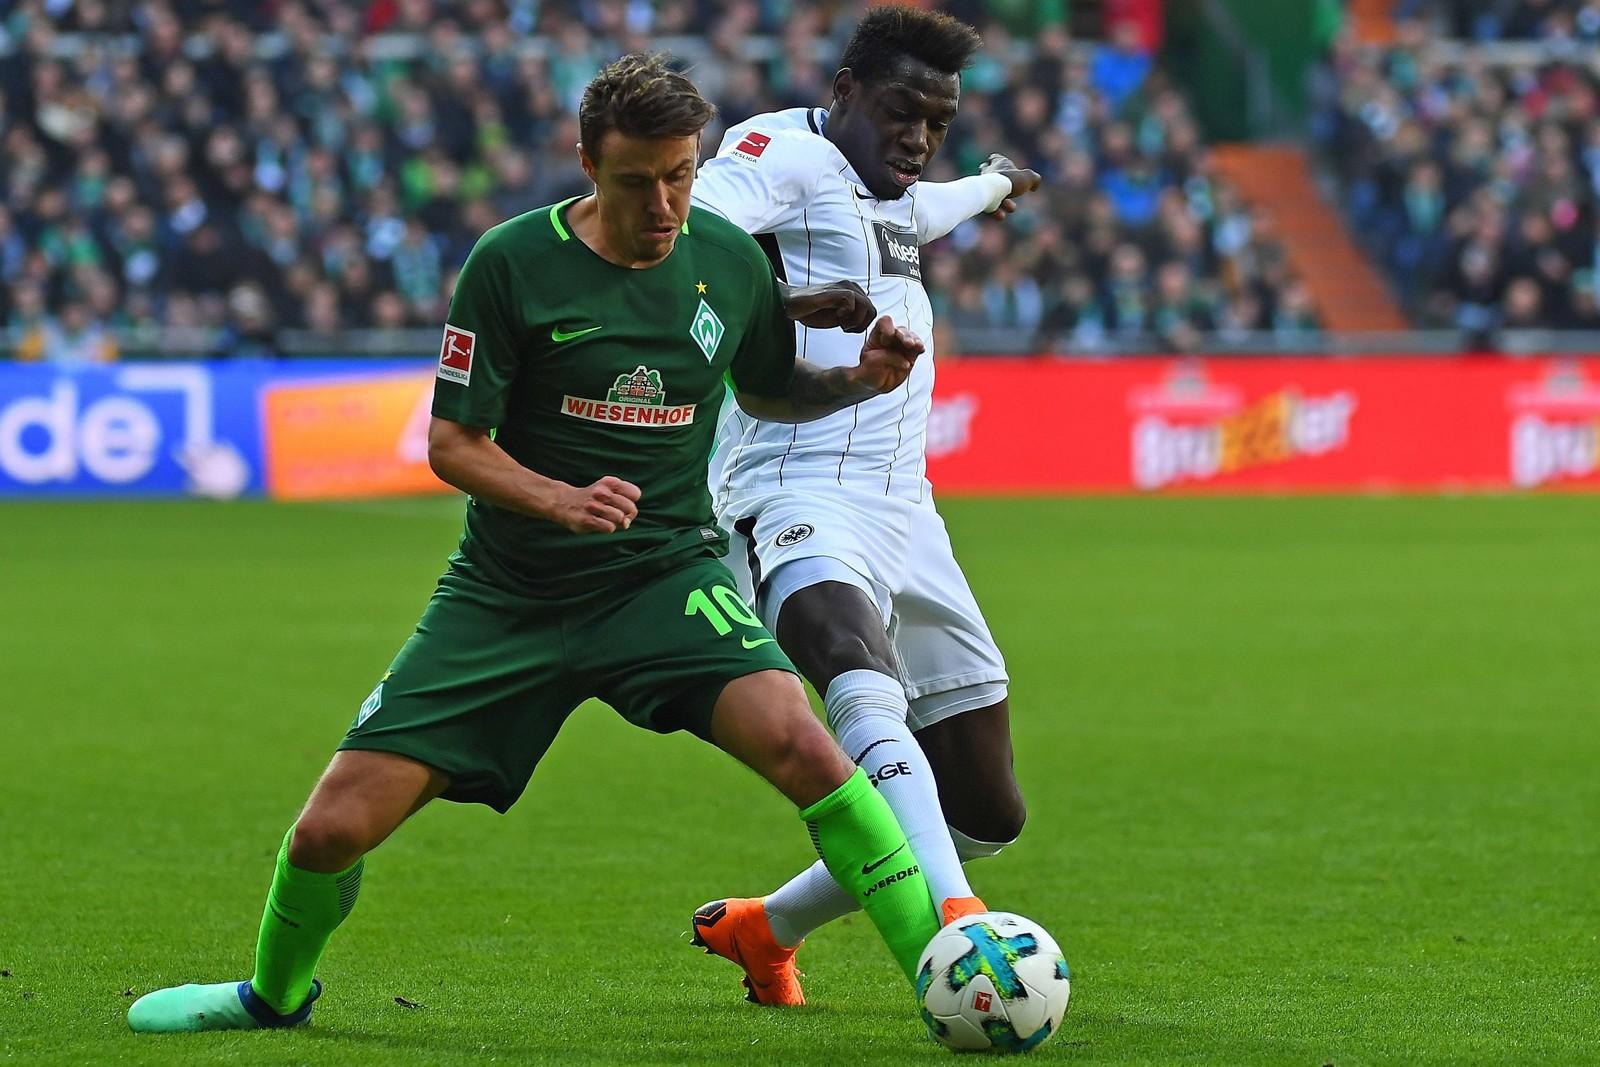 Setzt sich Kruse gegen Da Costa durch? Jetzt auf Werder gegen Frankfurt wetten